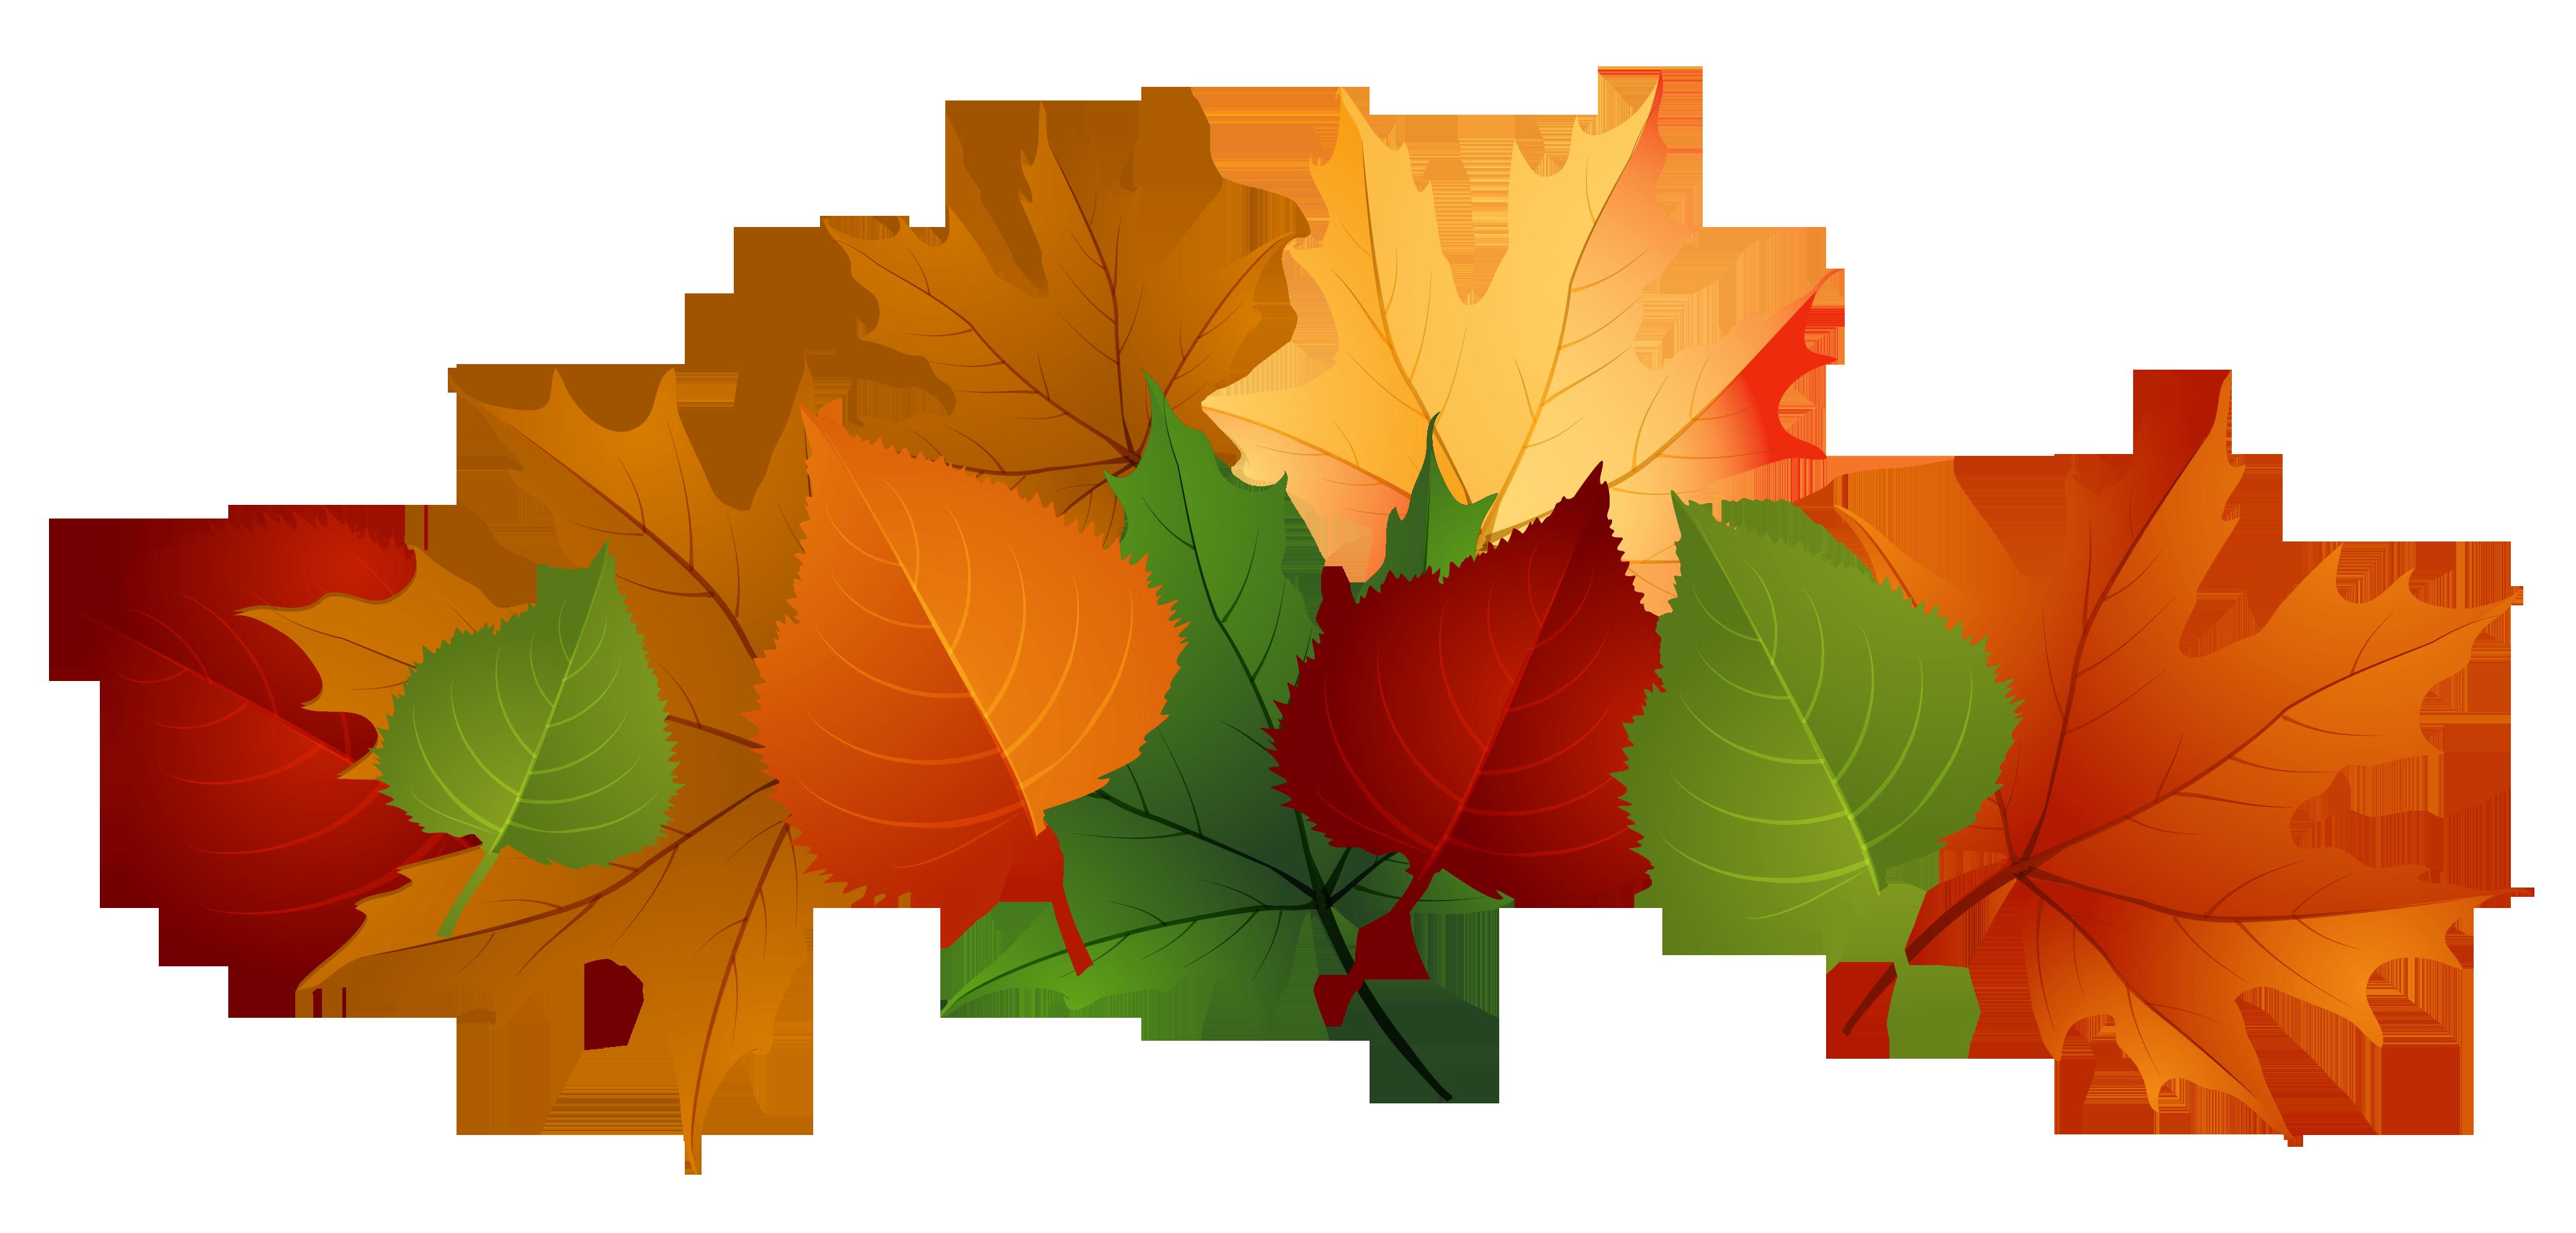 Clip Art Clip Art Leaves clip art of leaves clipart best leaf border tumundografico